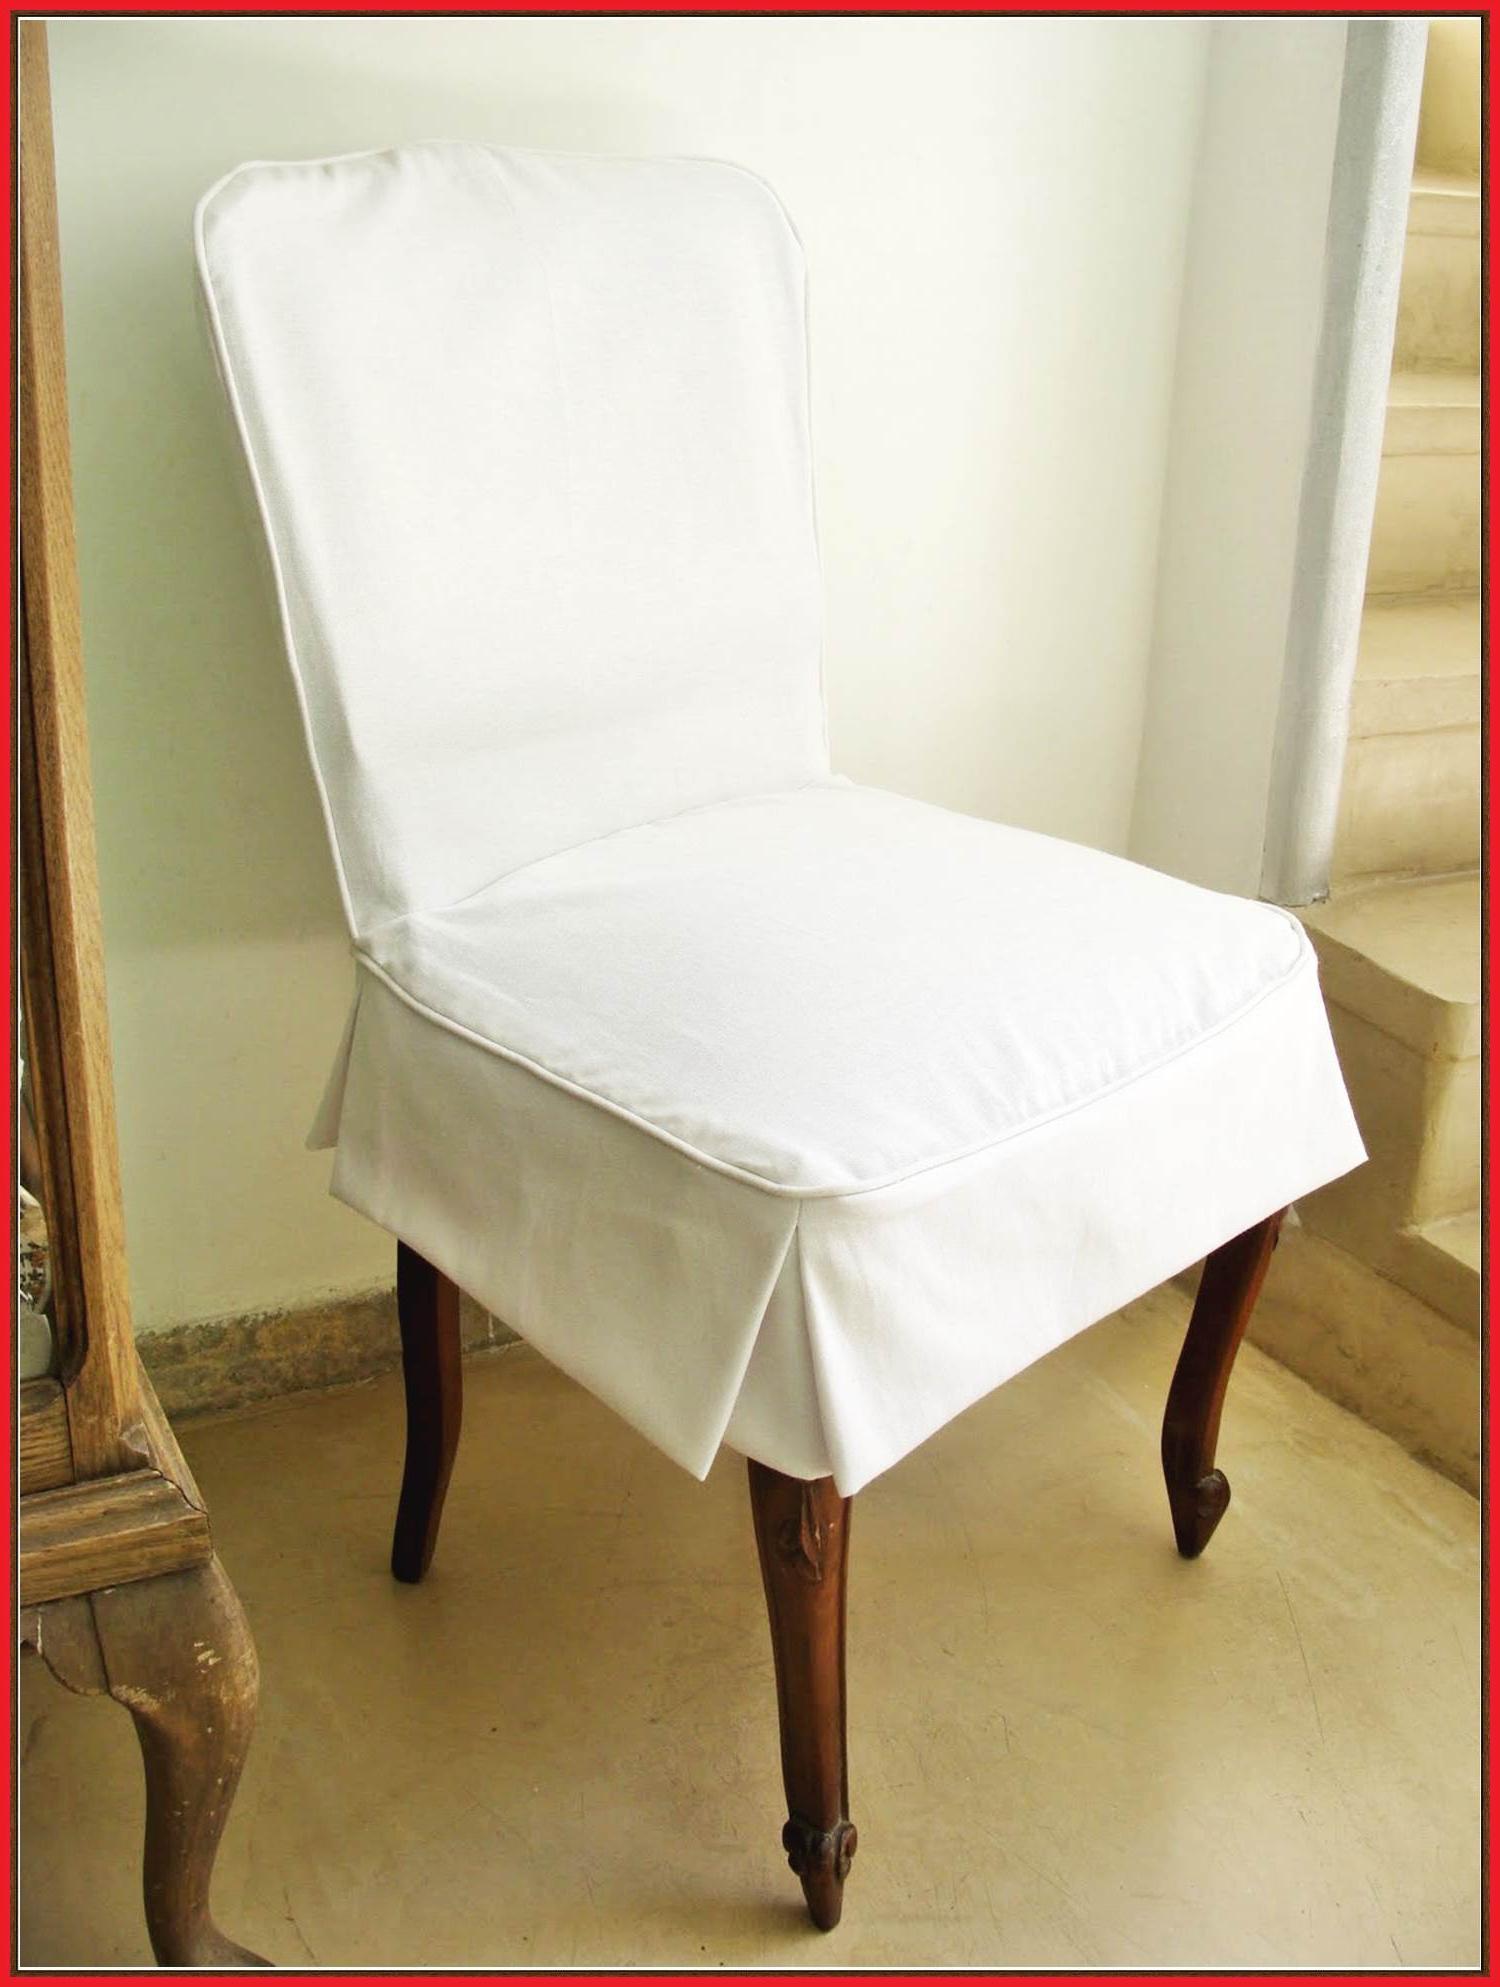 Sillas comedor el corte ingles simple sillas plegables for Fundas sillas comedor corte ingles